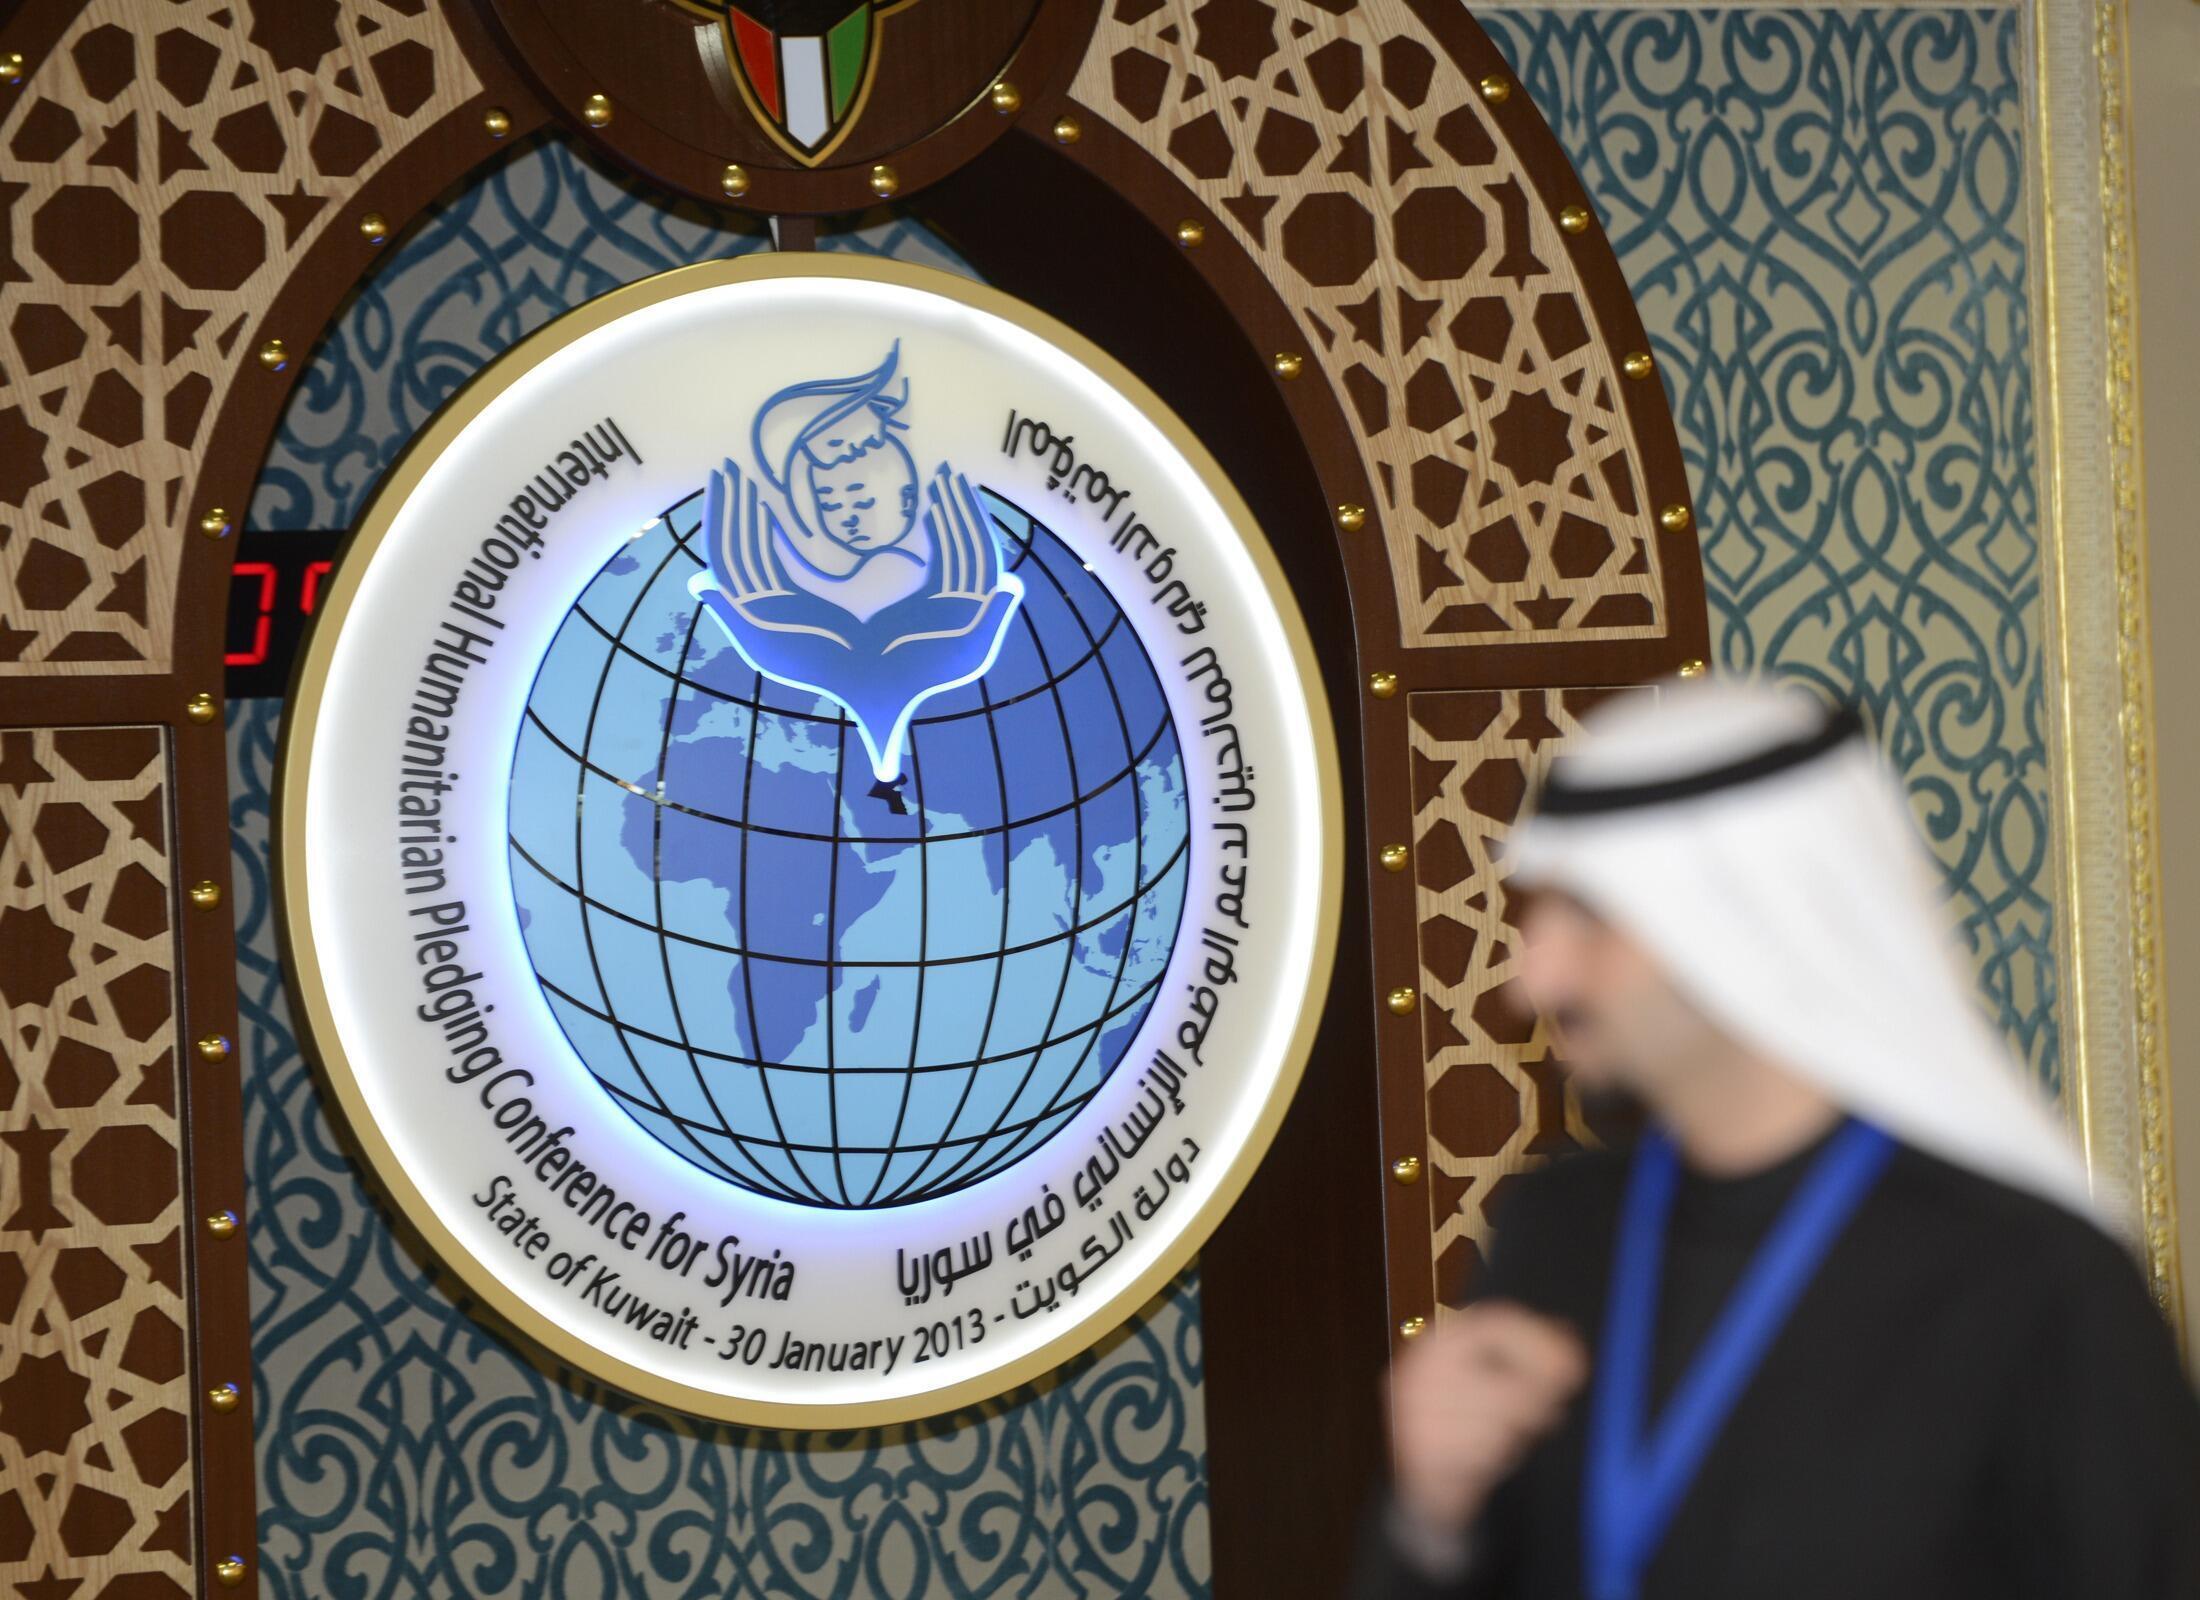 Một hội nghị các nhà tài trợ quốc tế cho Syria tại Koweit đầu năm 2013, cho phép quyên góp 1,5 tỷ đô la.